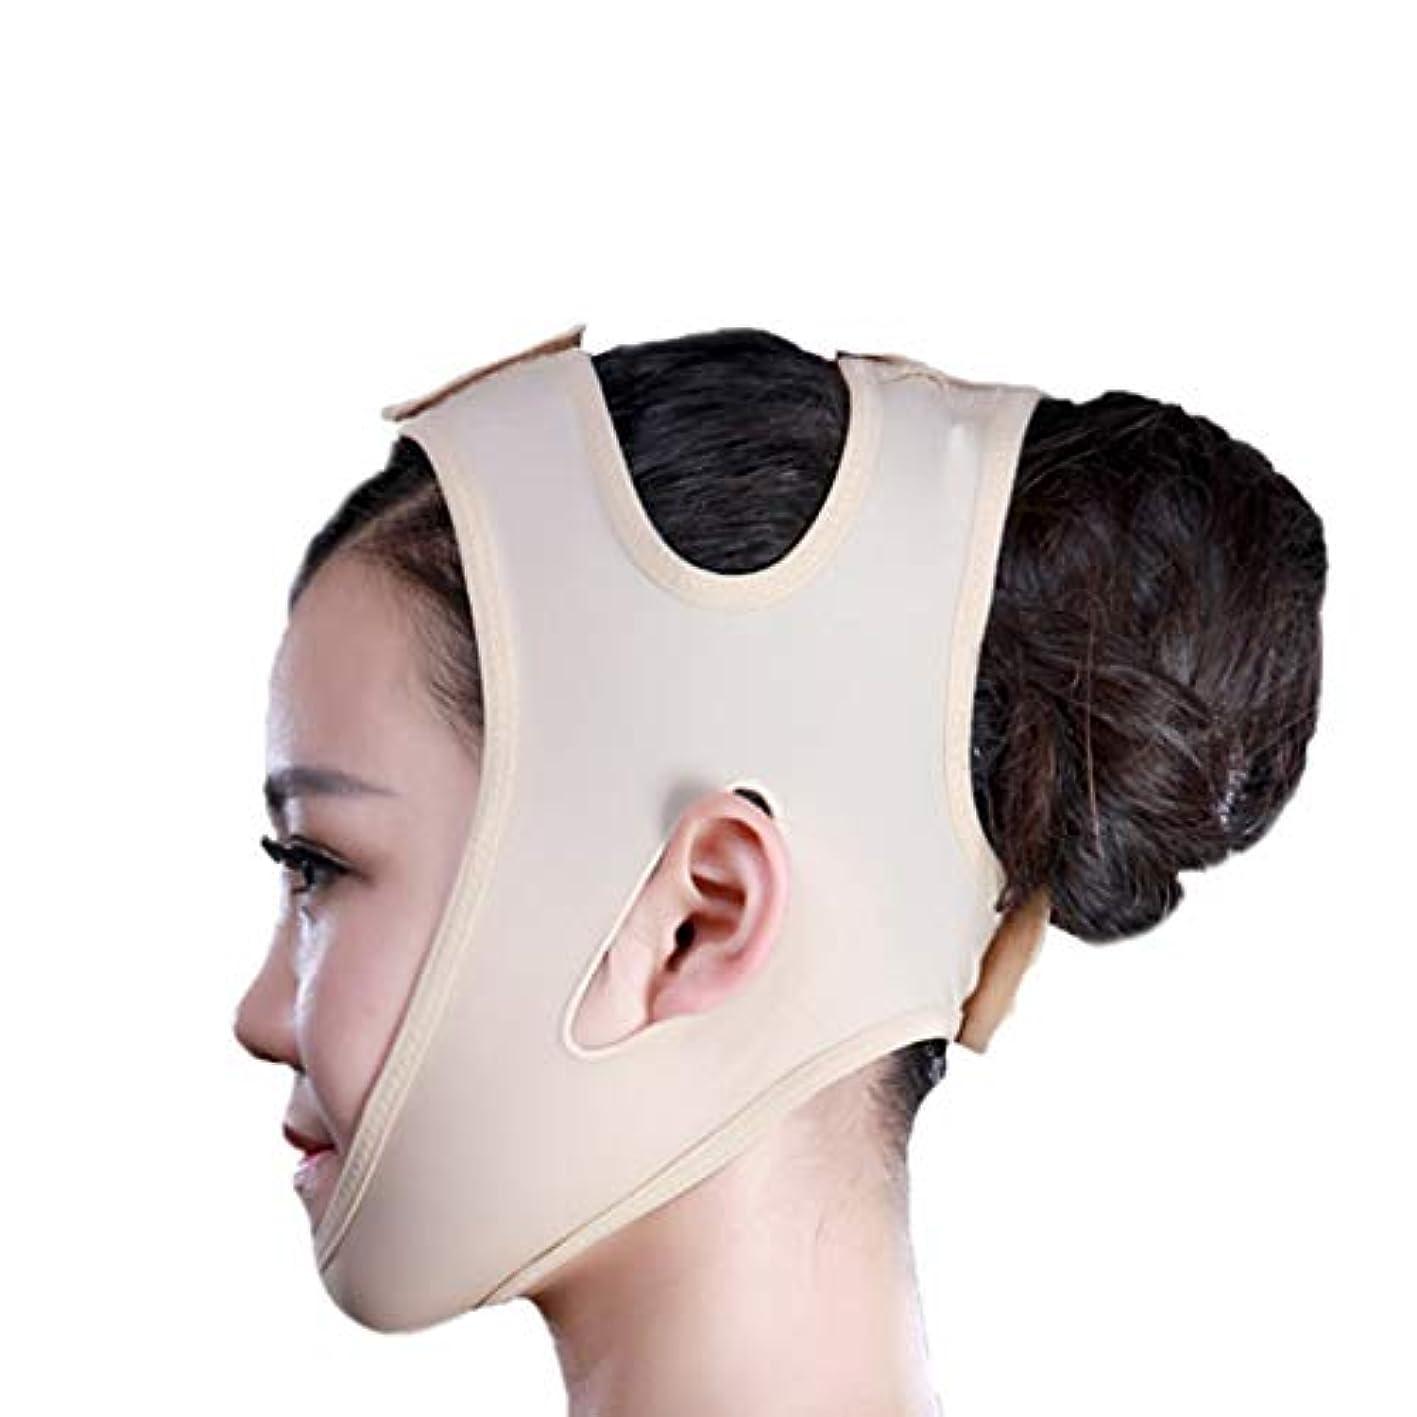 整理する病院シダ顔の痩身マスク、快適で通気性のある、顔面の持ち上がることおよび輪郭を描くことで、堅さの向上、引き締まることおよび顔を持ち上げること (Color : Yellowish pink, Size : M)